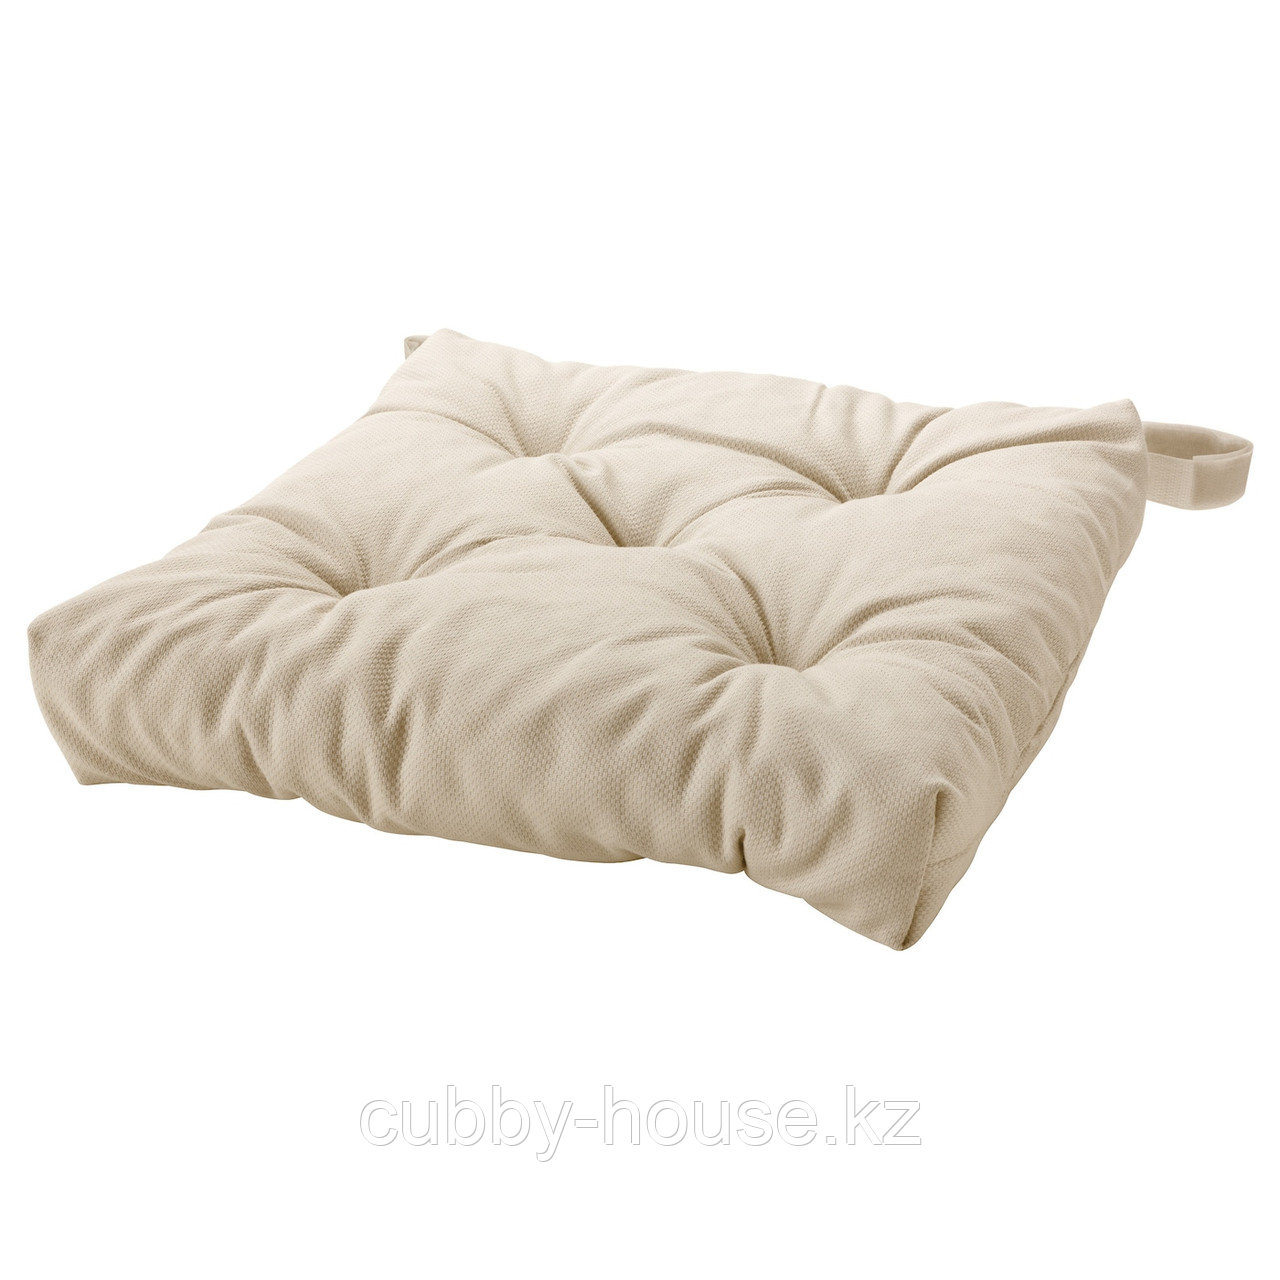 МАЛИНДА Подушка на стул, светло-бежевый, 40/35x38x7 см - фото 1